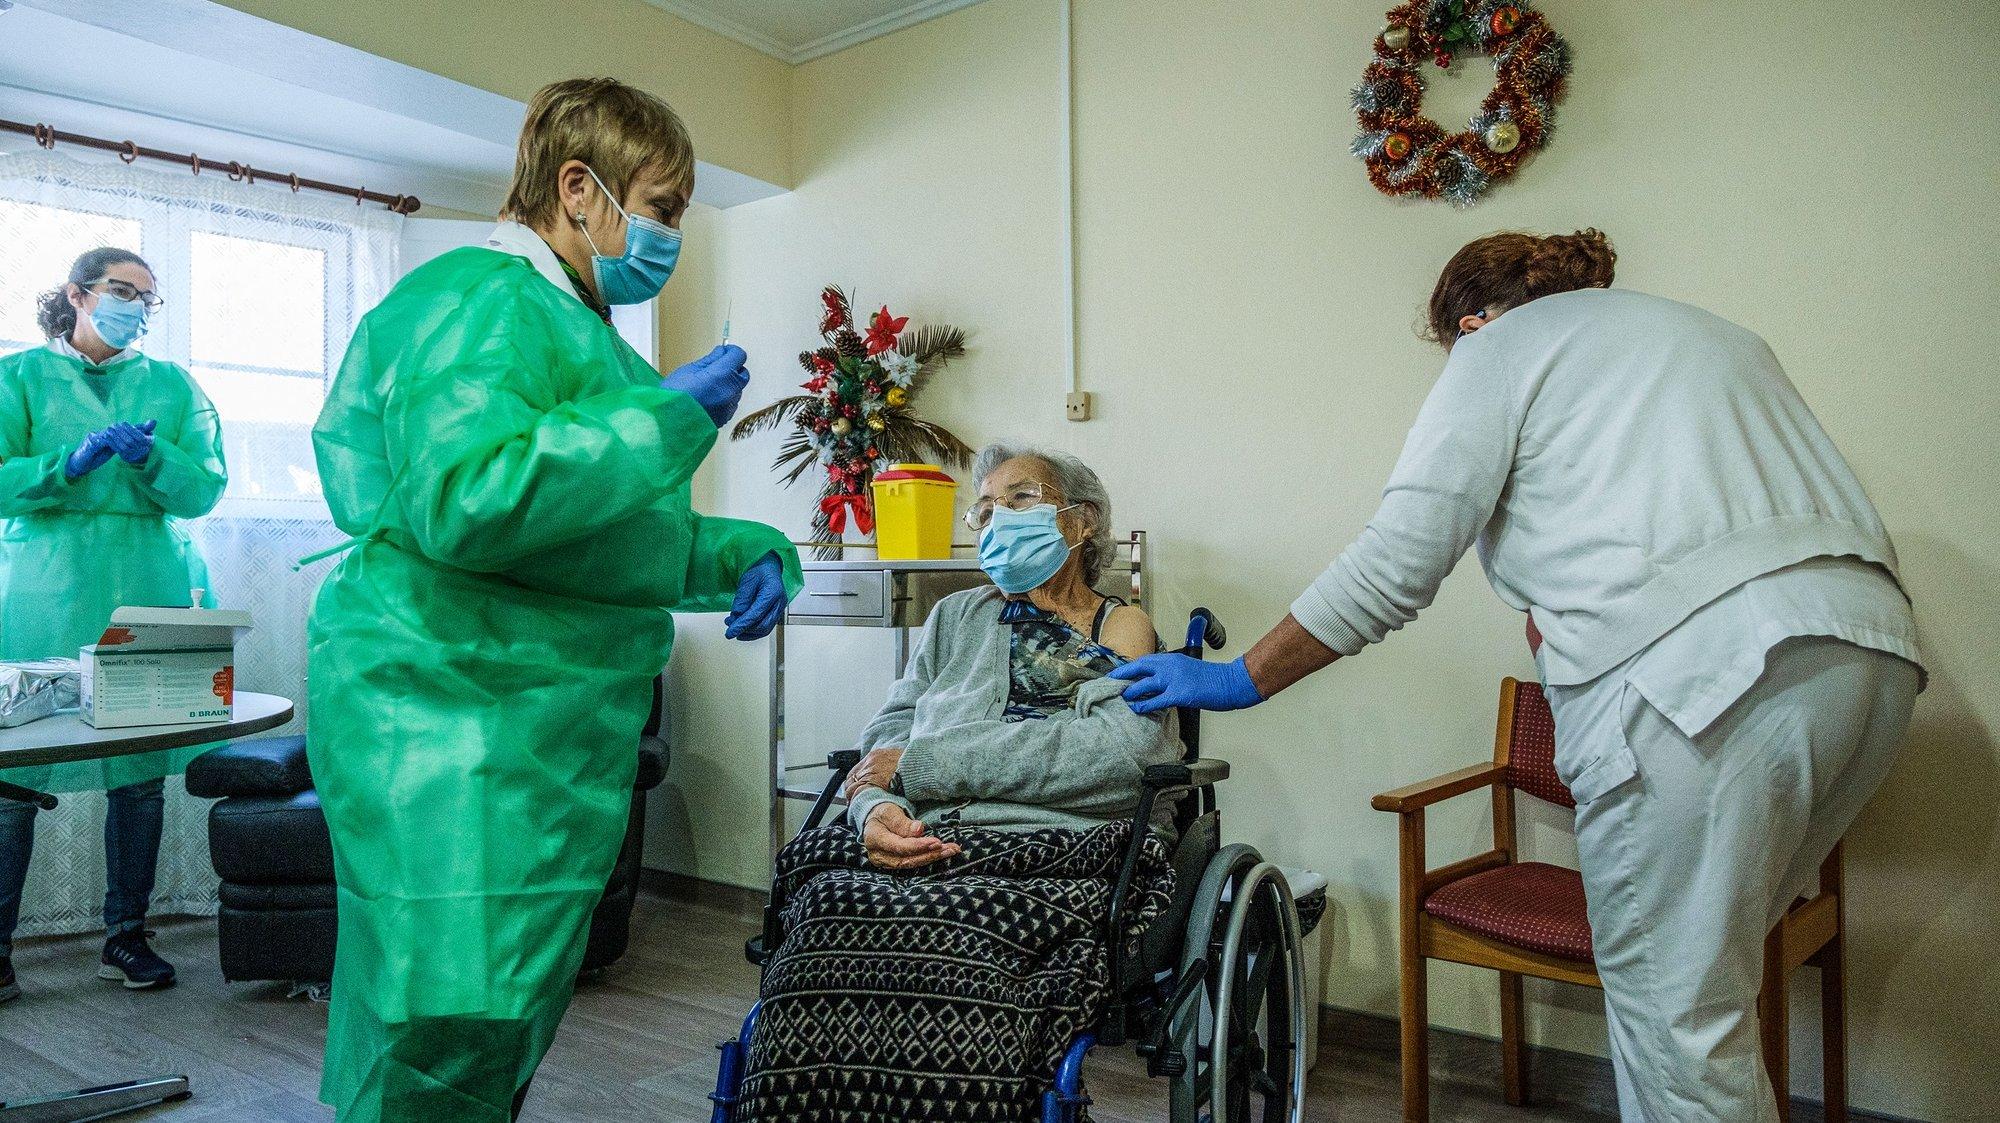 Ilda da Conceição com 98 anos foi a primeira utente da ilha terceira, do Centro Social de Idosos São Francisco Xavier no Raminho, a ser vacinada contra a Covid-19, Concelho de Angra do Heroísmo, Ilha Terceira, Açores, 31 de dezembro de 2020. ANTÓNIO ARAÚJO/LUSA